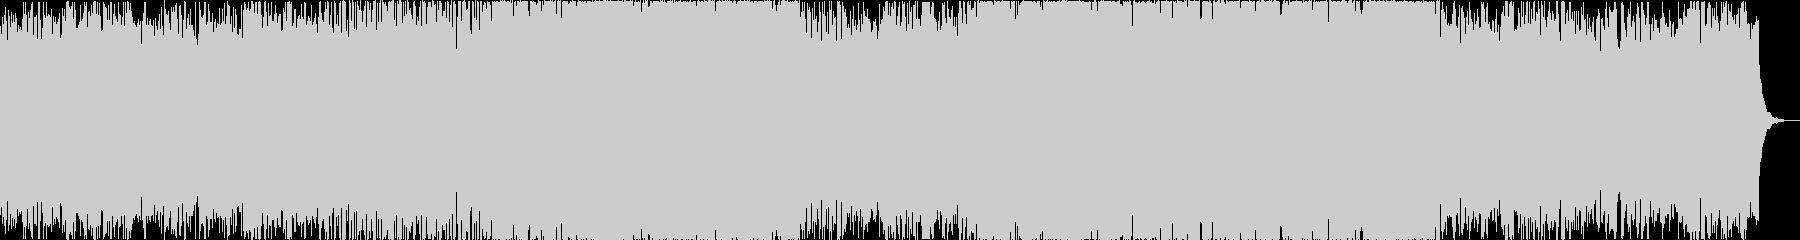 ピアノの旋律が印象的なチルアウトトラックの未再生の波形